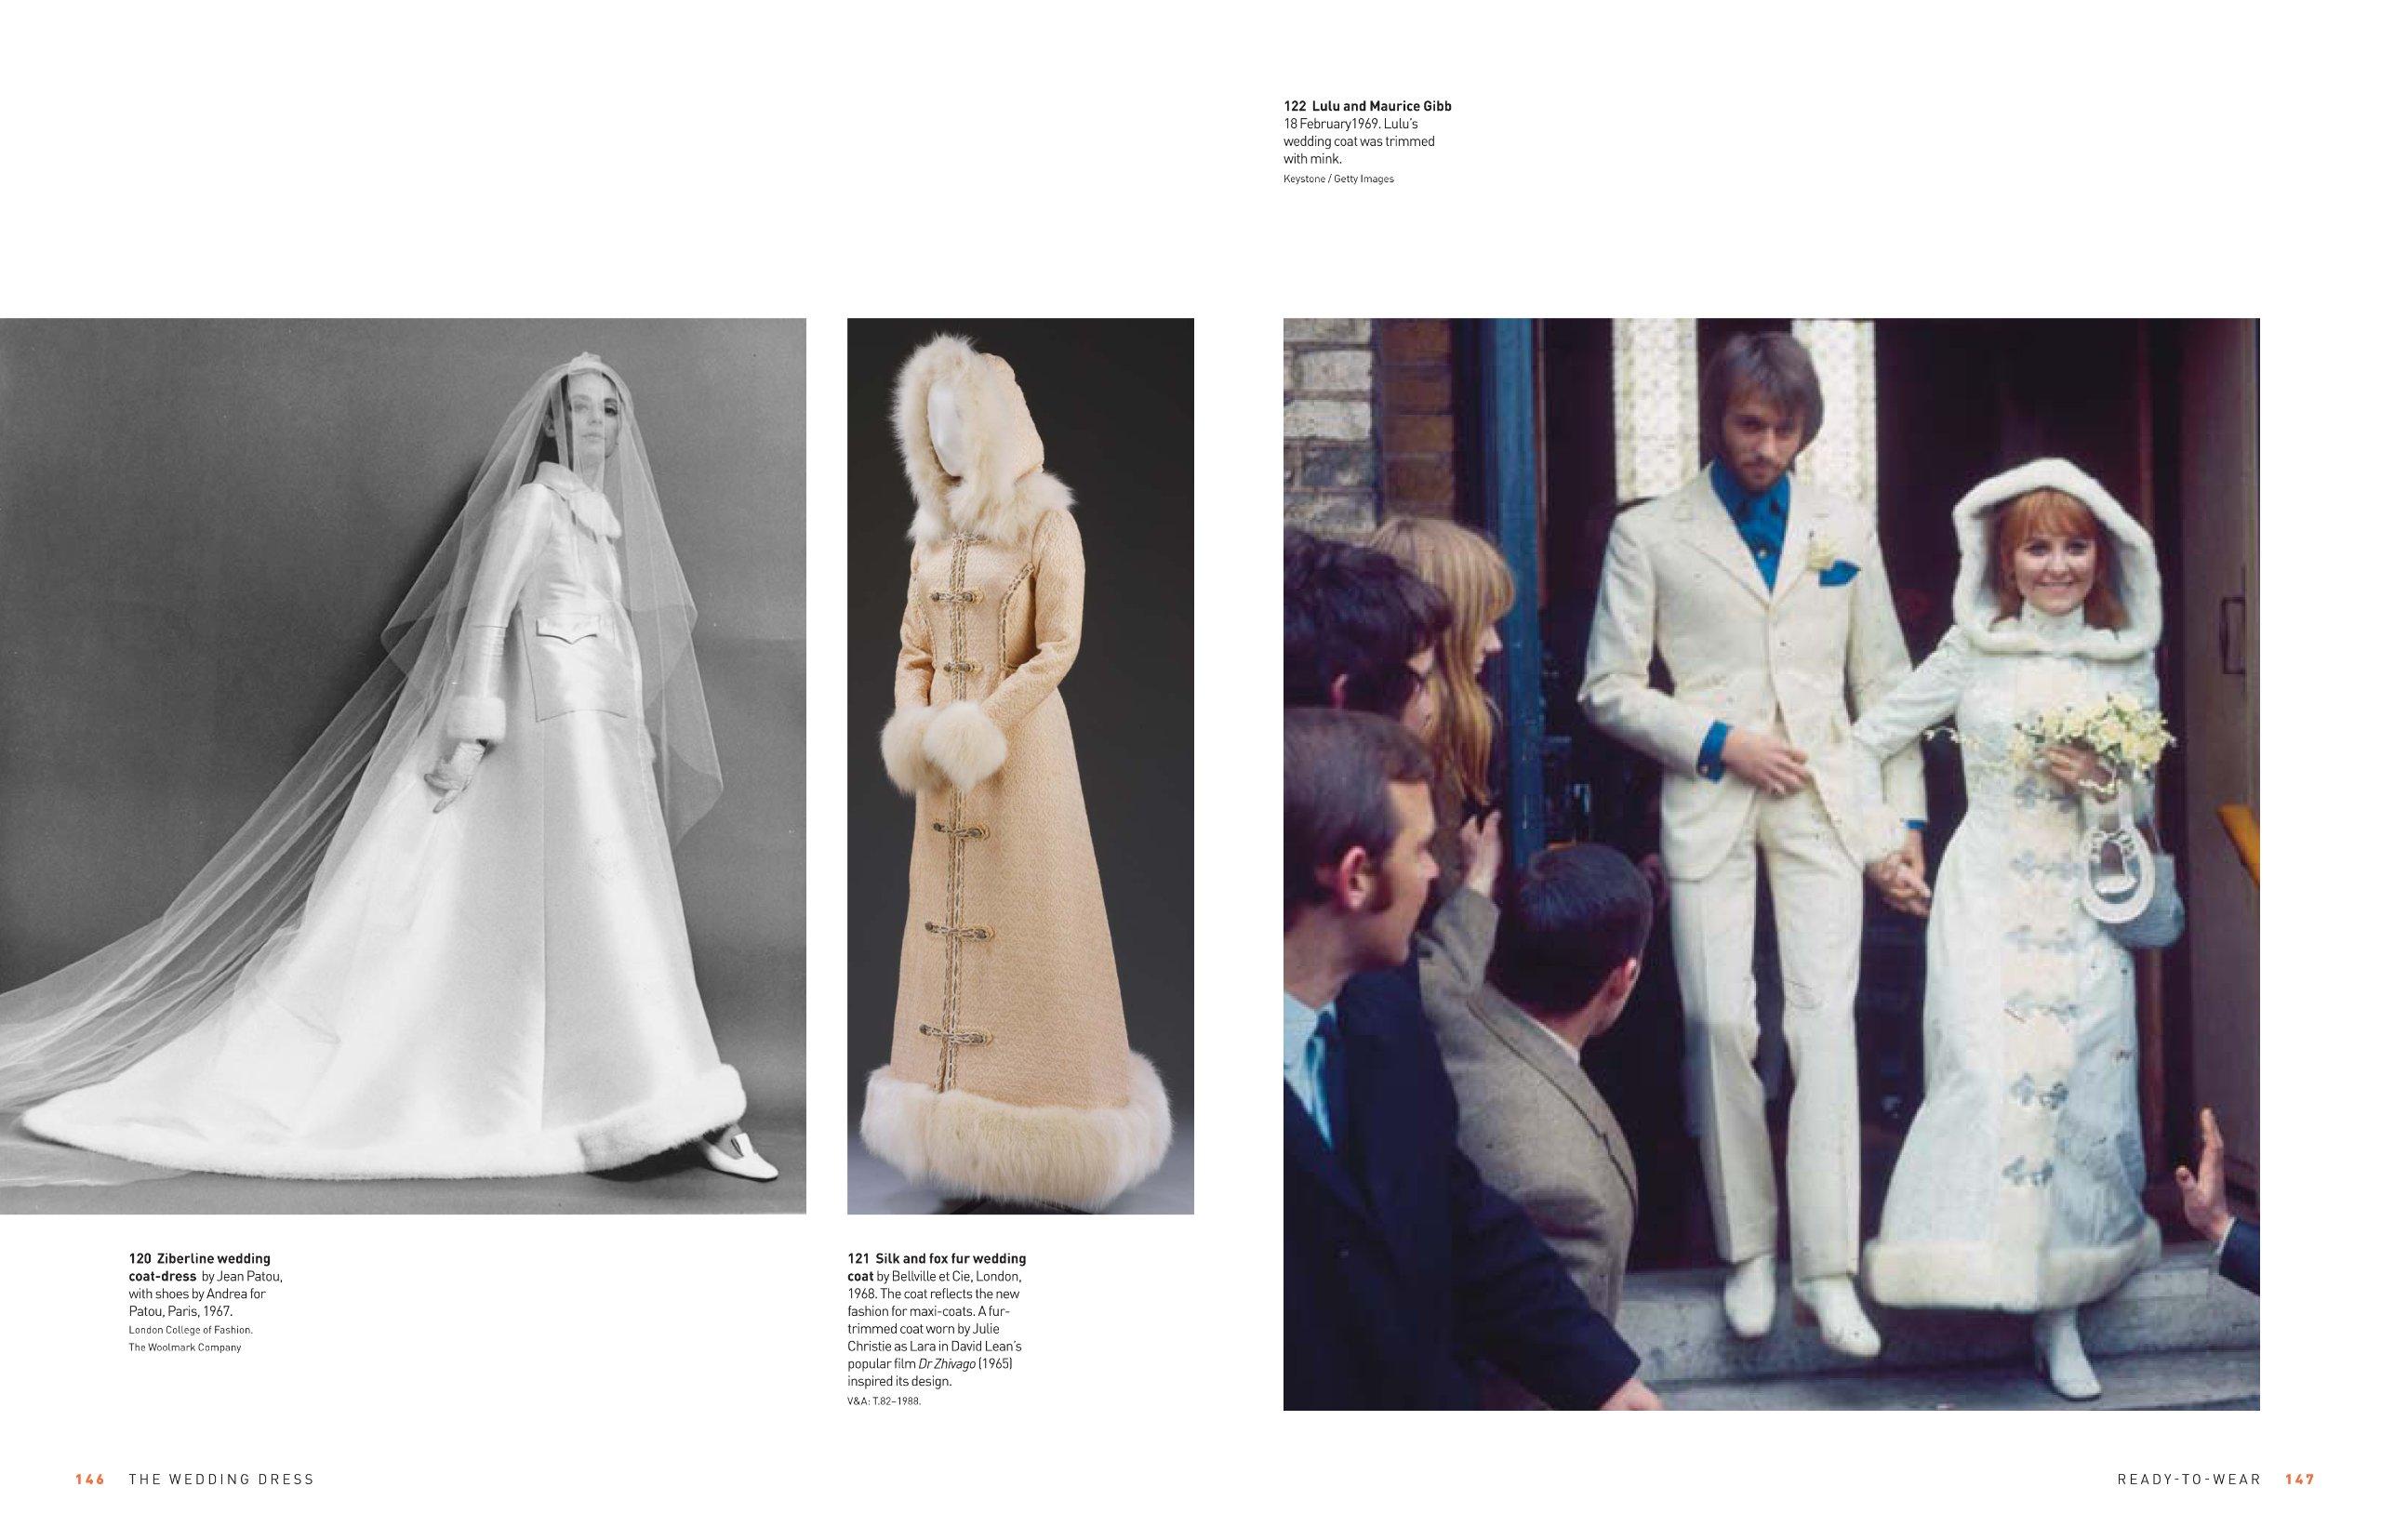 Wedding dress edwina ehrman